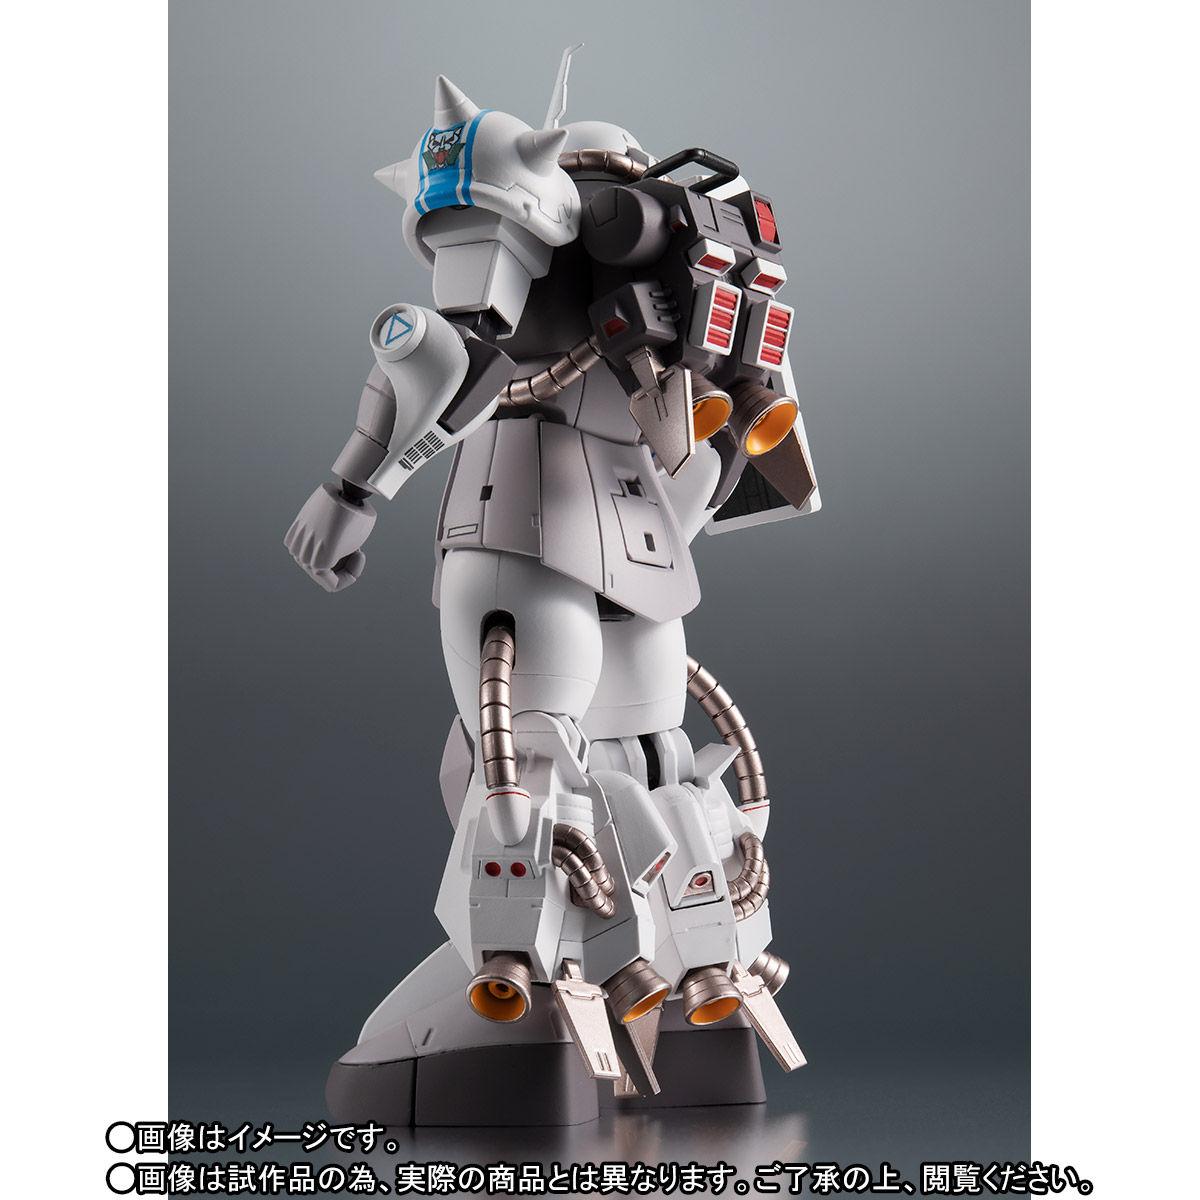 【限定販売】ROBOT魂〈SIDE MS〉『MS-06R-1A シン・マツナガ専用高機動型ザクII ver. A.N.I.M.E.』ガンダムMSV 可動フィギュア-004